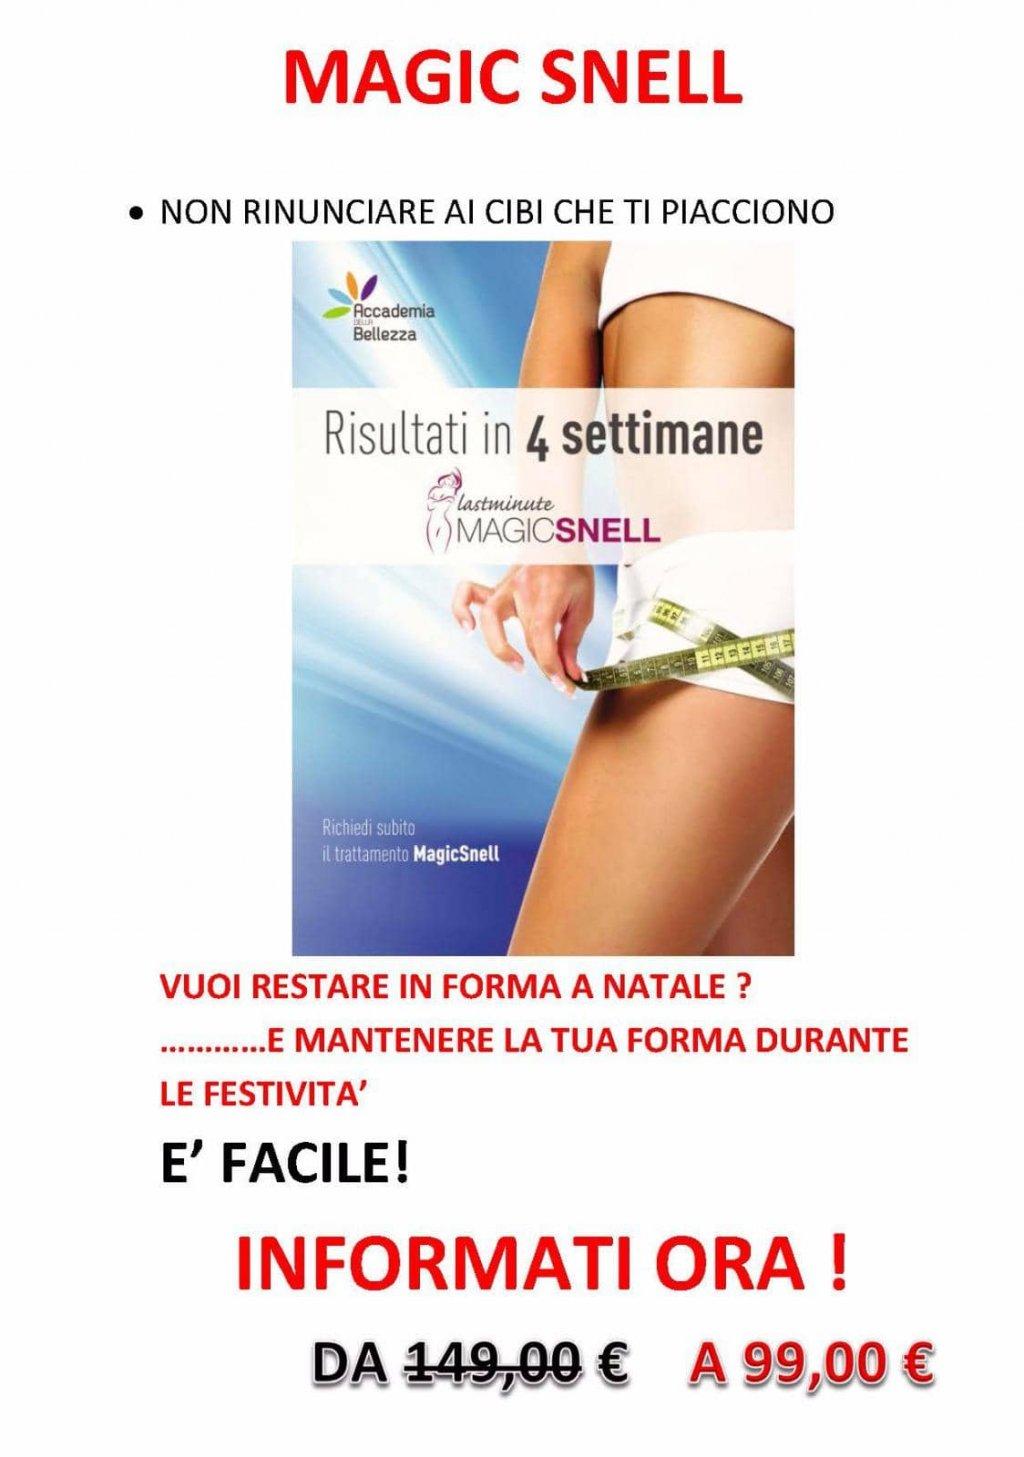 Sconto 33% Magic Snell | Equipe Hair - Vitalizza Institute | Jesi, Via Garibaldi, 41 | Tel. 3286812986 | Offerta valida fino al 20/12/17